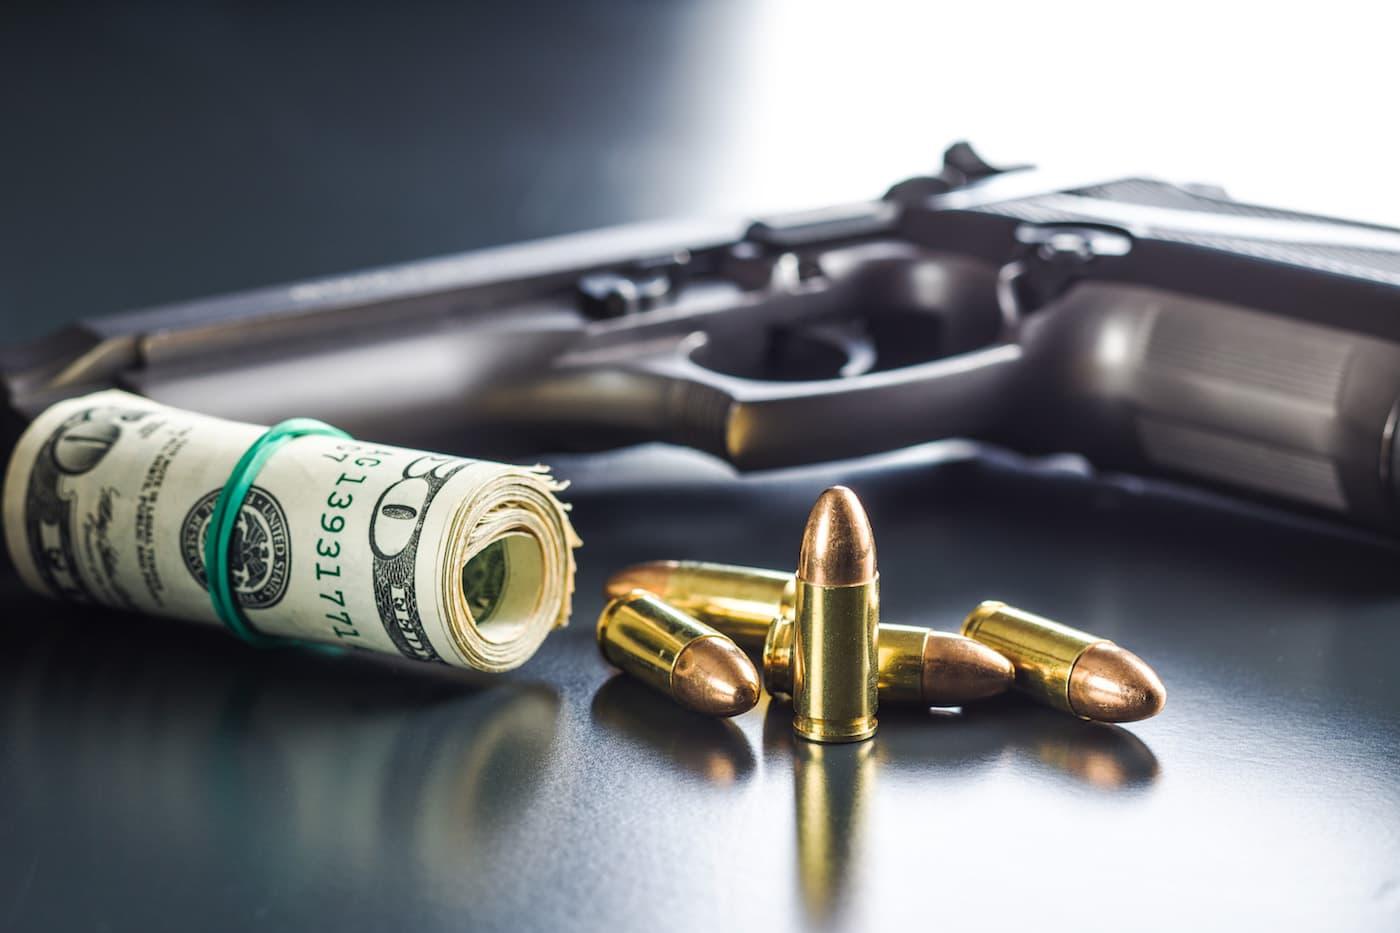 Kriminelle nutzen Bitcoin